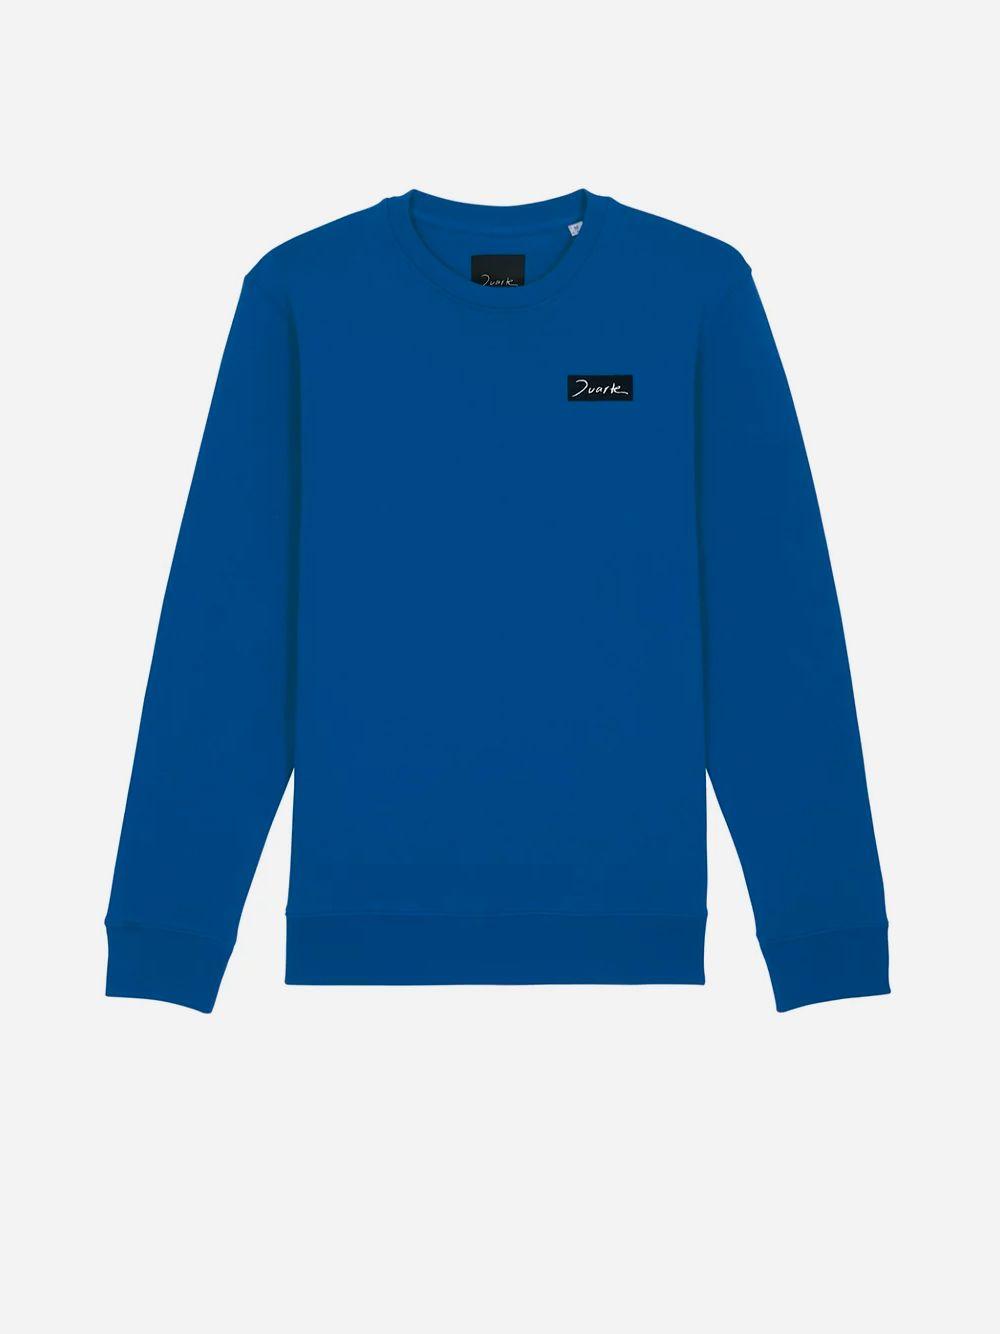 Sweater Azul Duarte